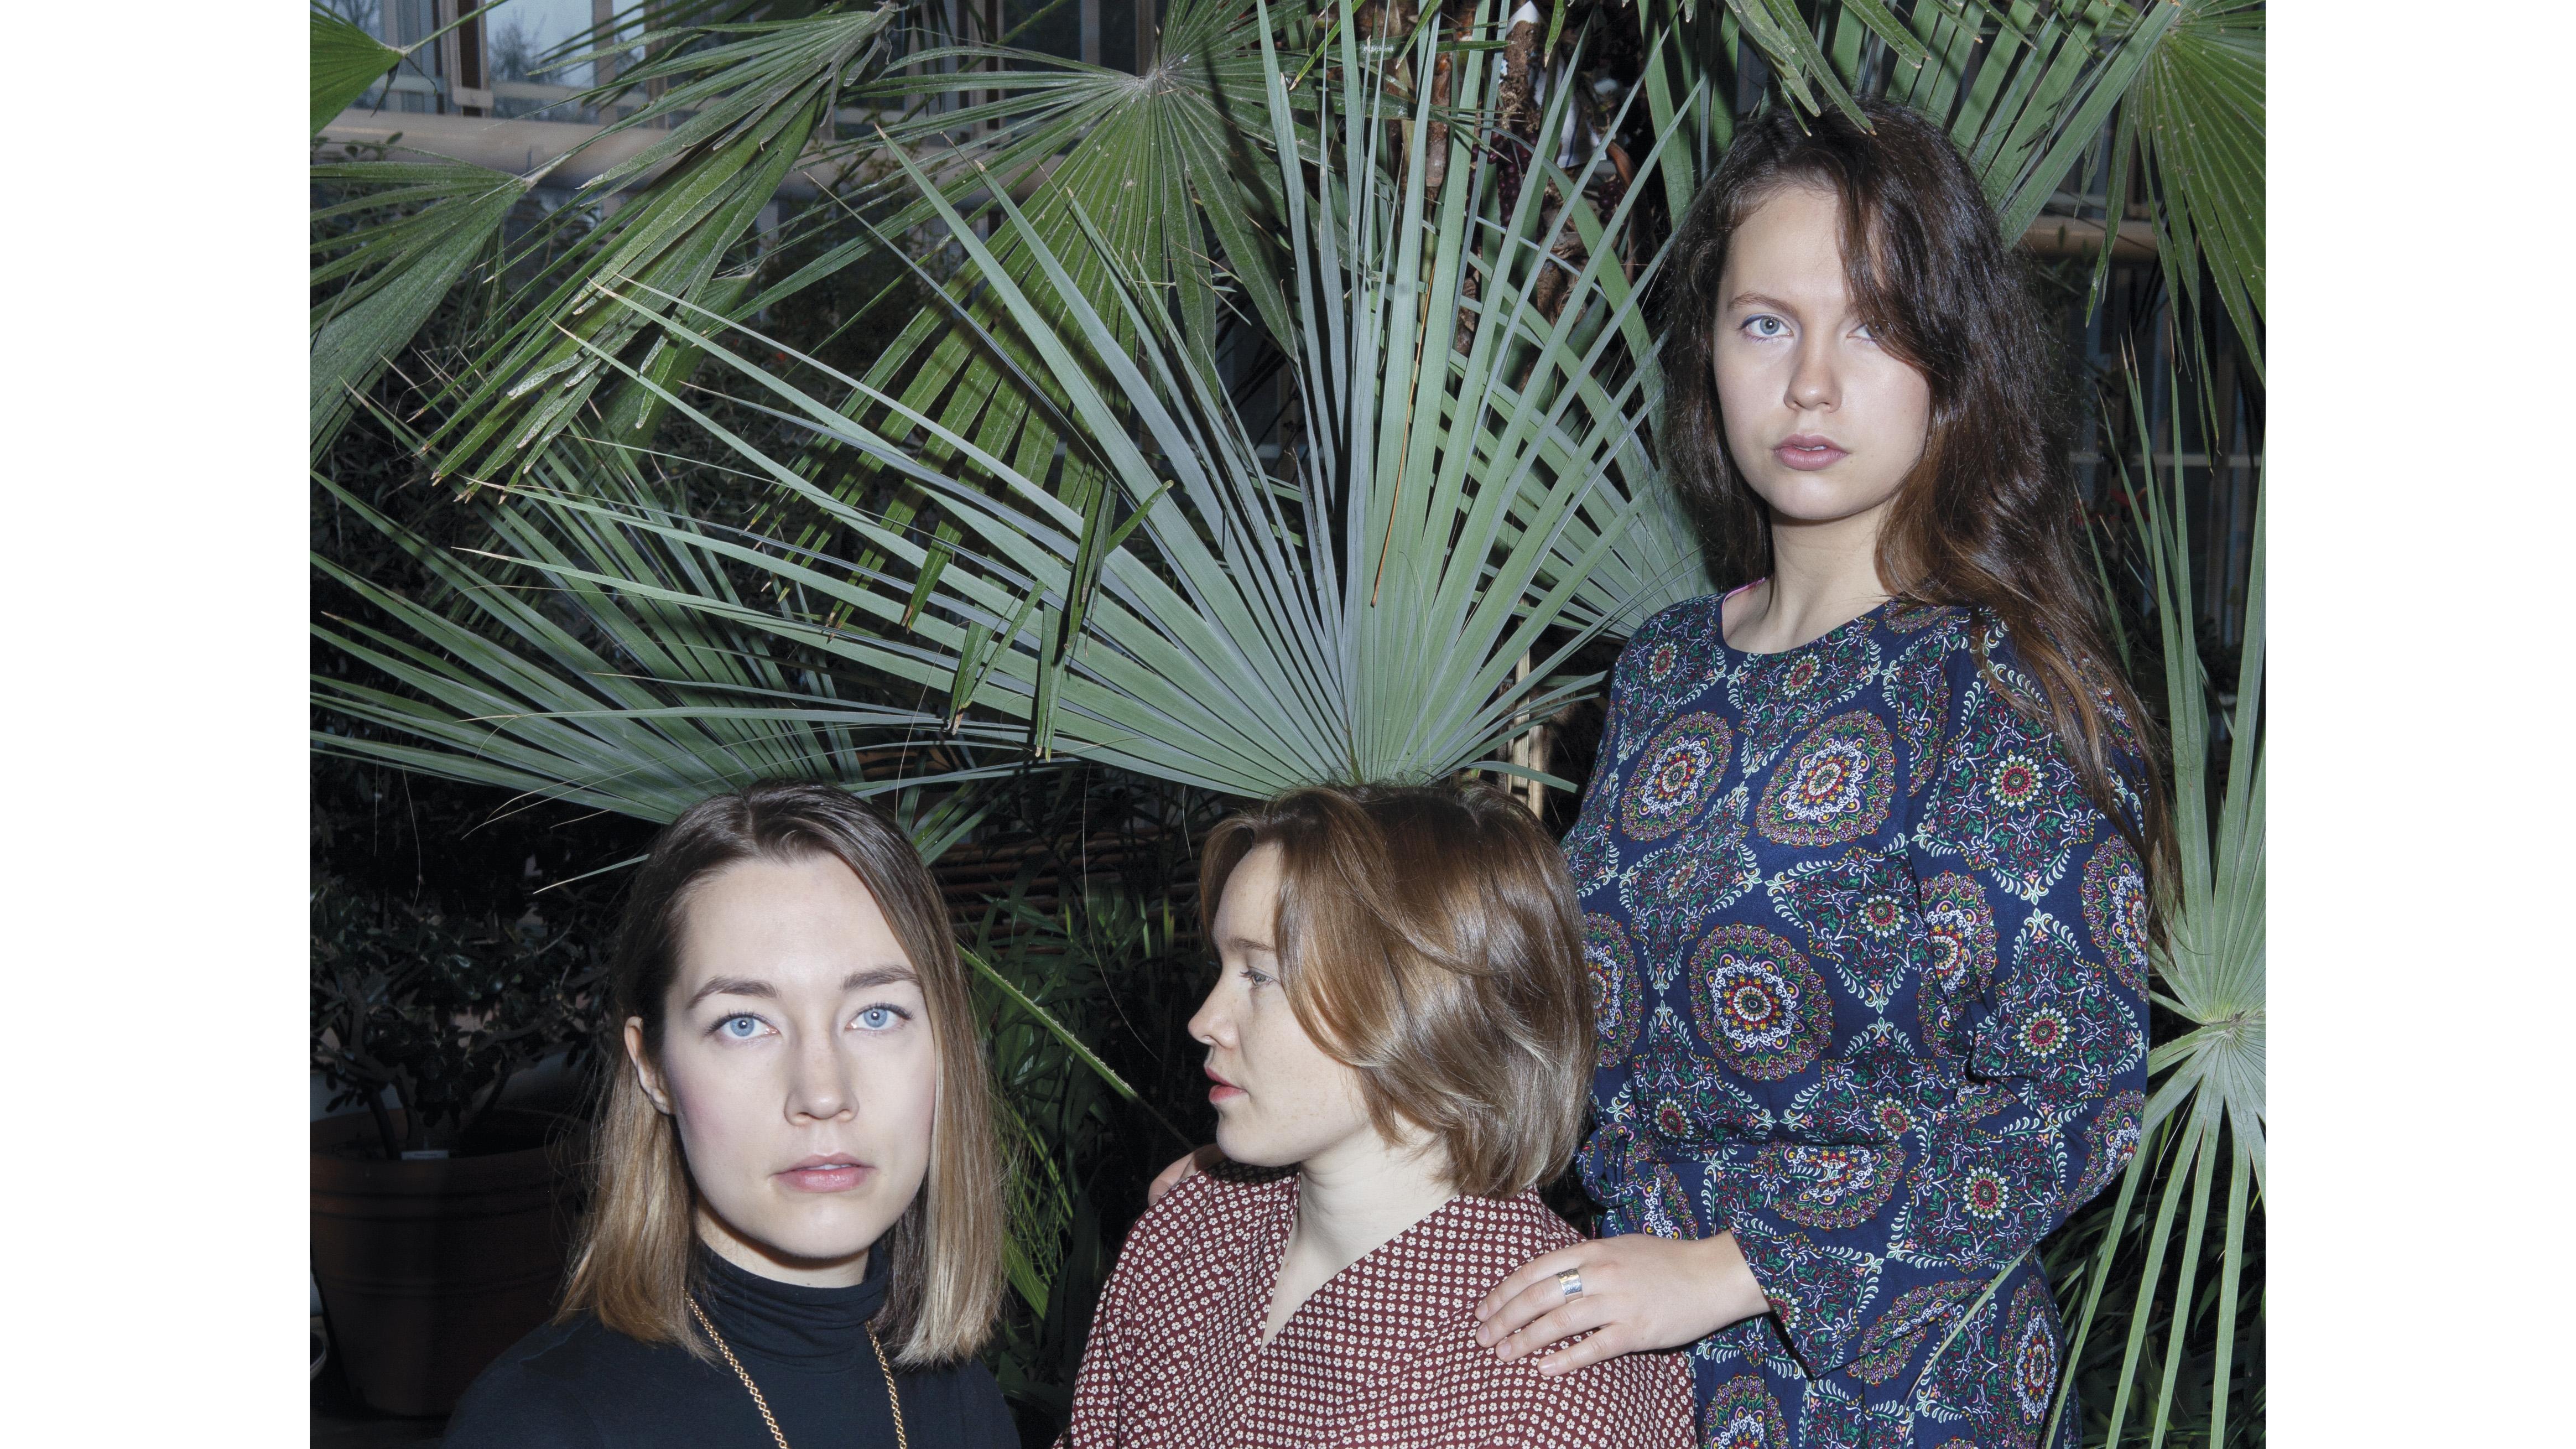 Kolme naista viherkasvin edessä